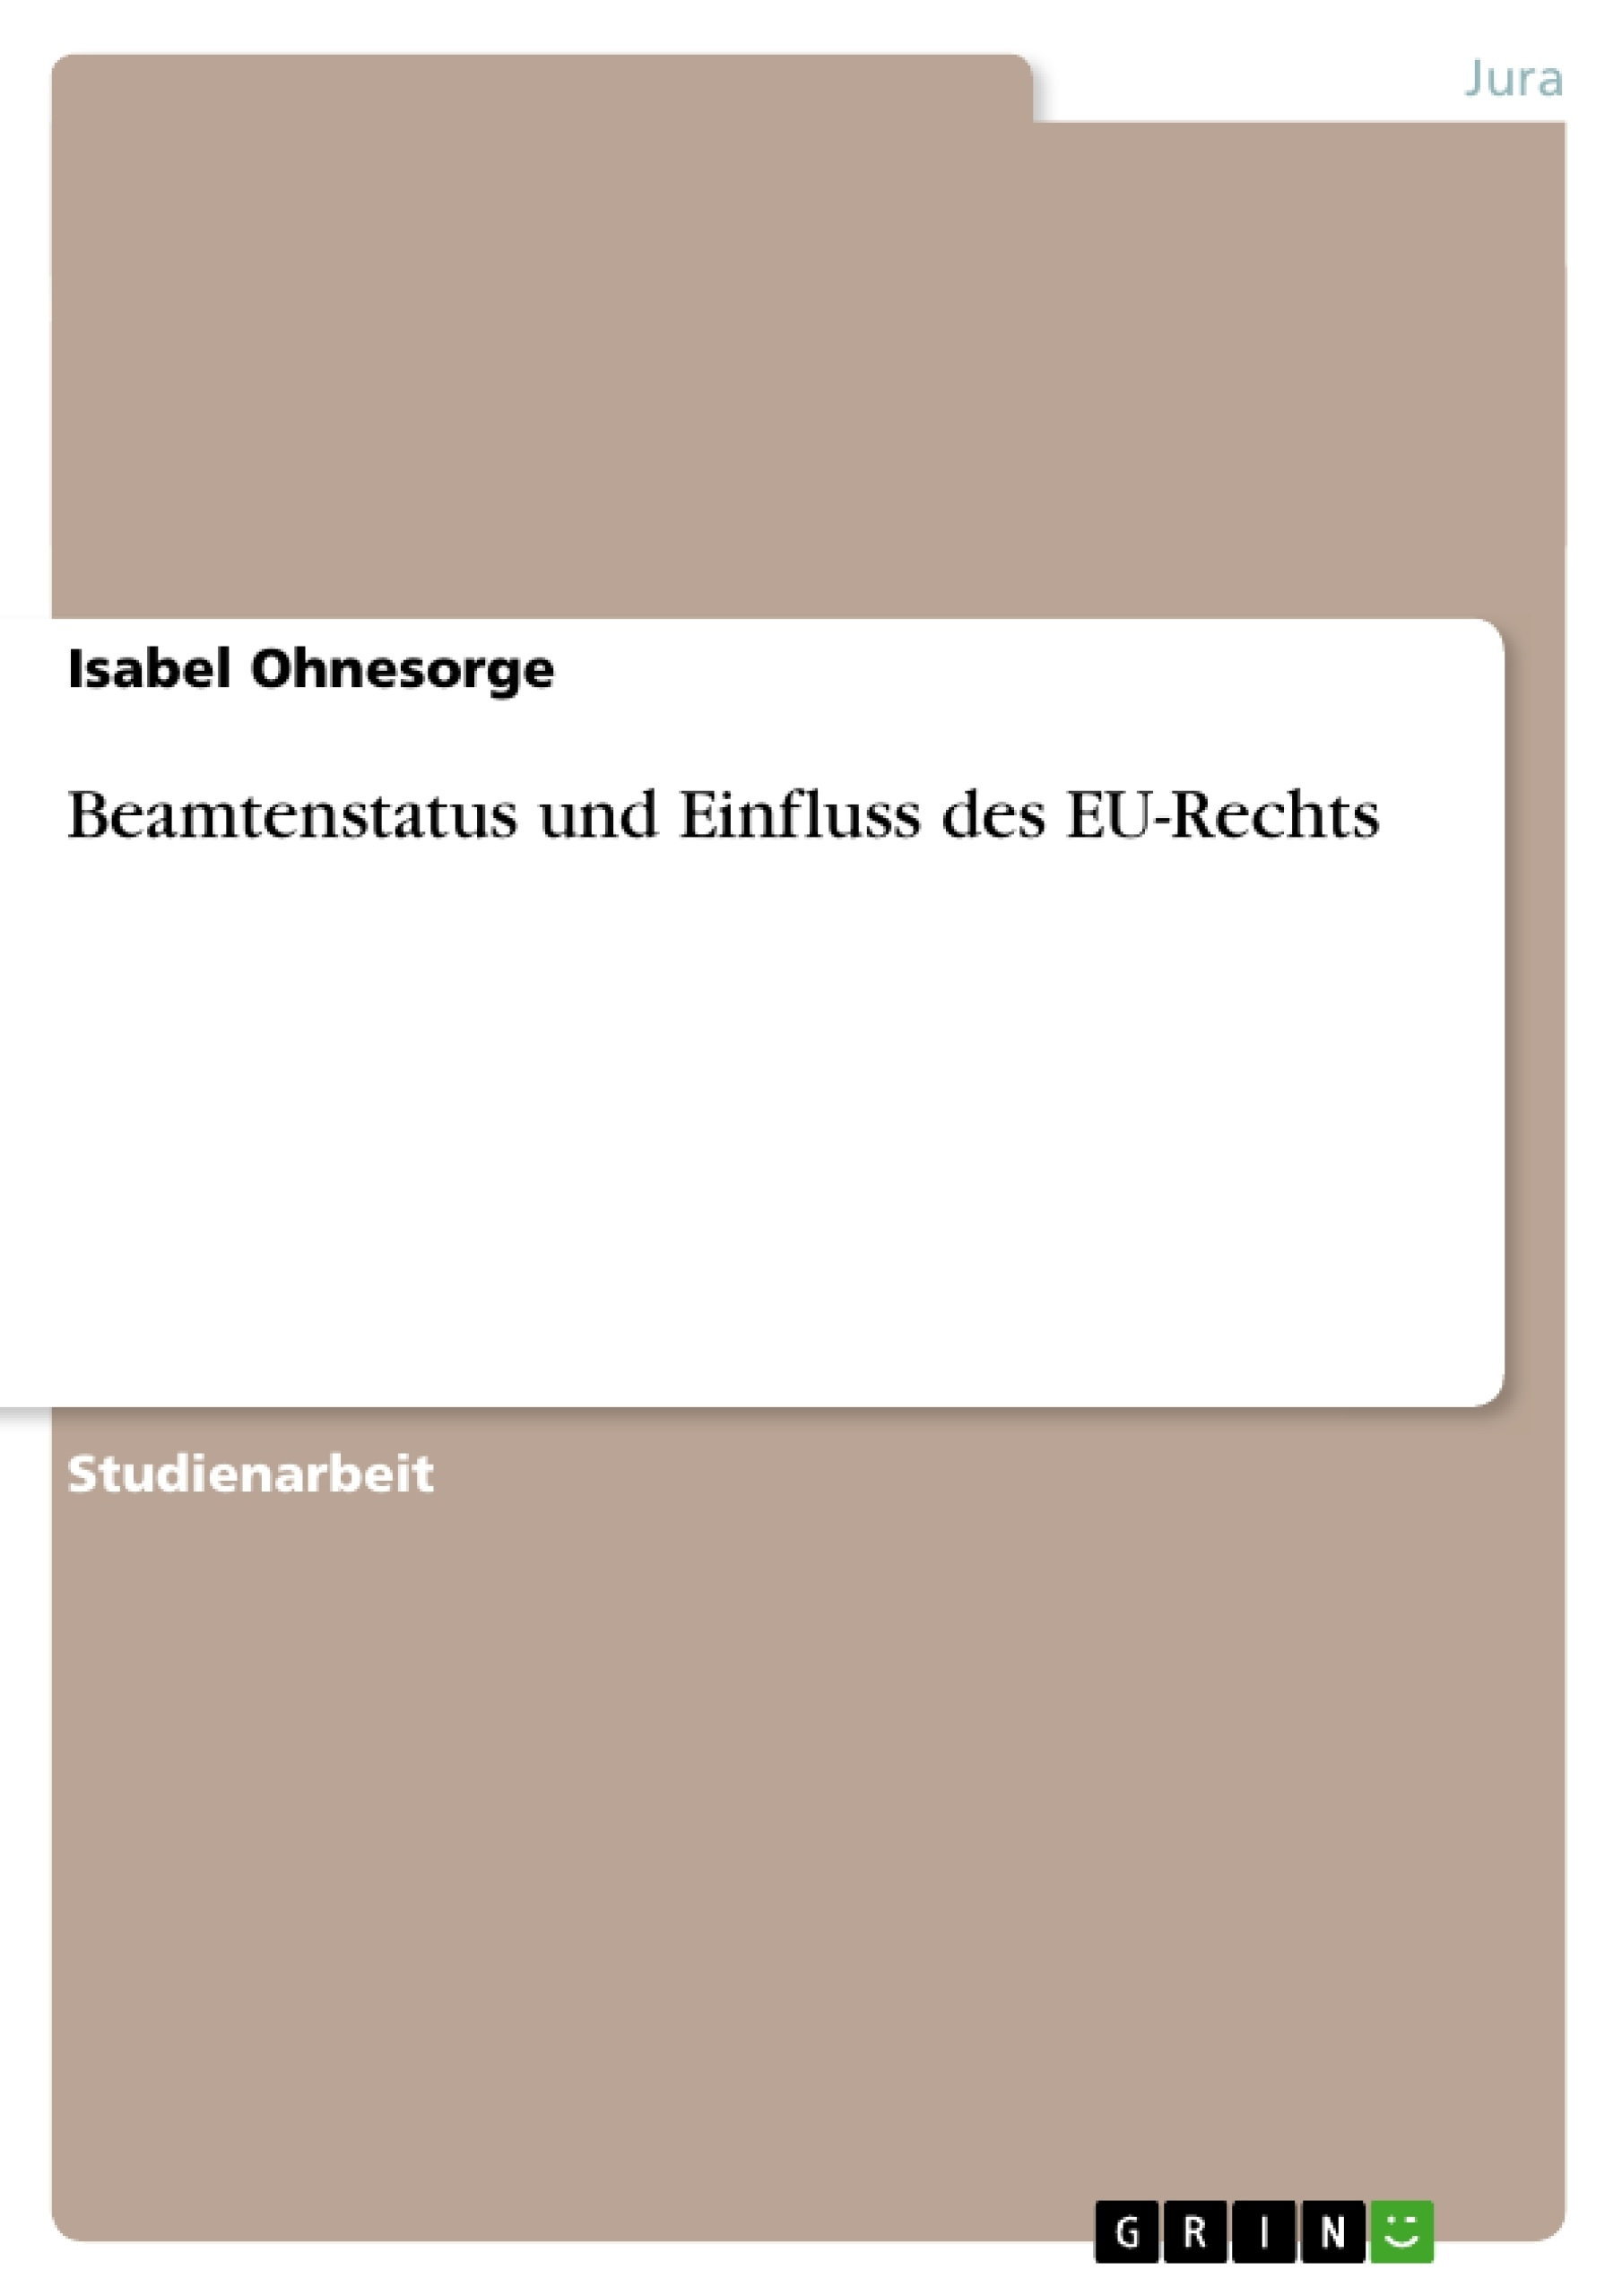 Titel: Beamtenstatus und Einfluss des EU-Rechts